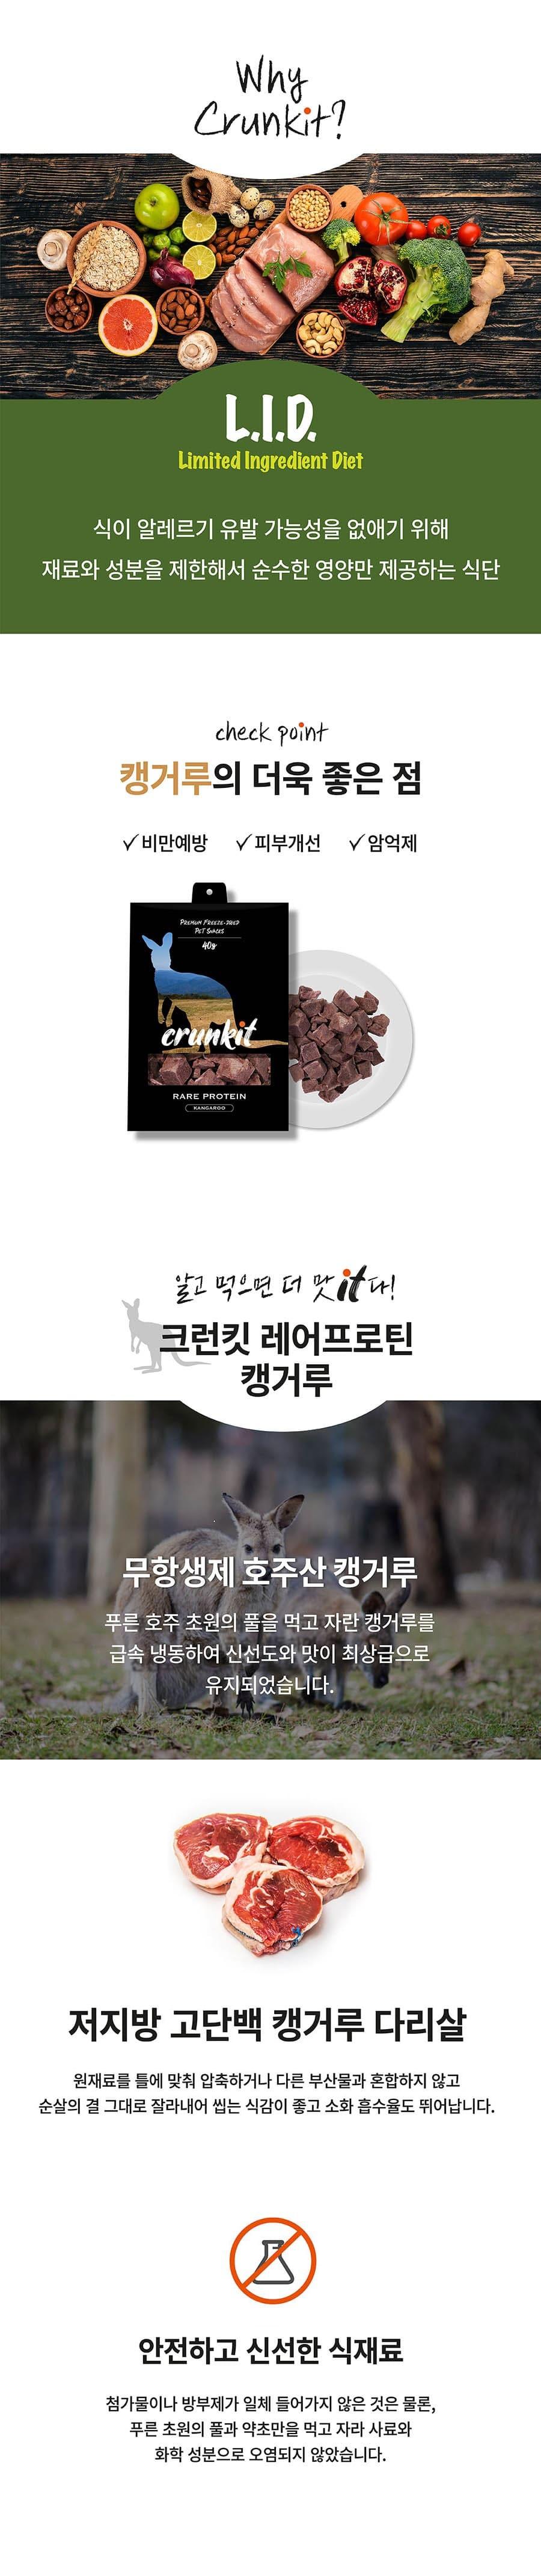 it 크런킷 레어프로틴 (열빙어/캥거루/상어순살/말고기/껍질연어)-상품이미지-17